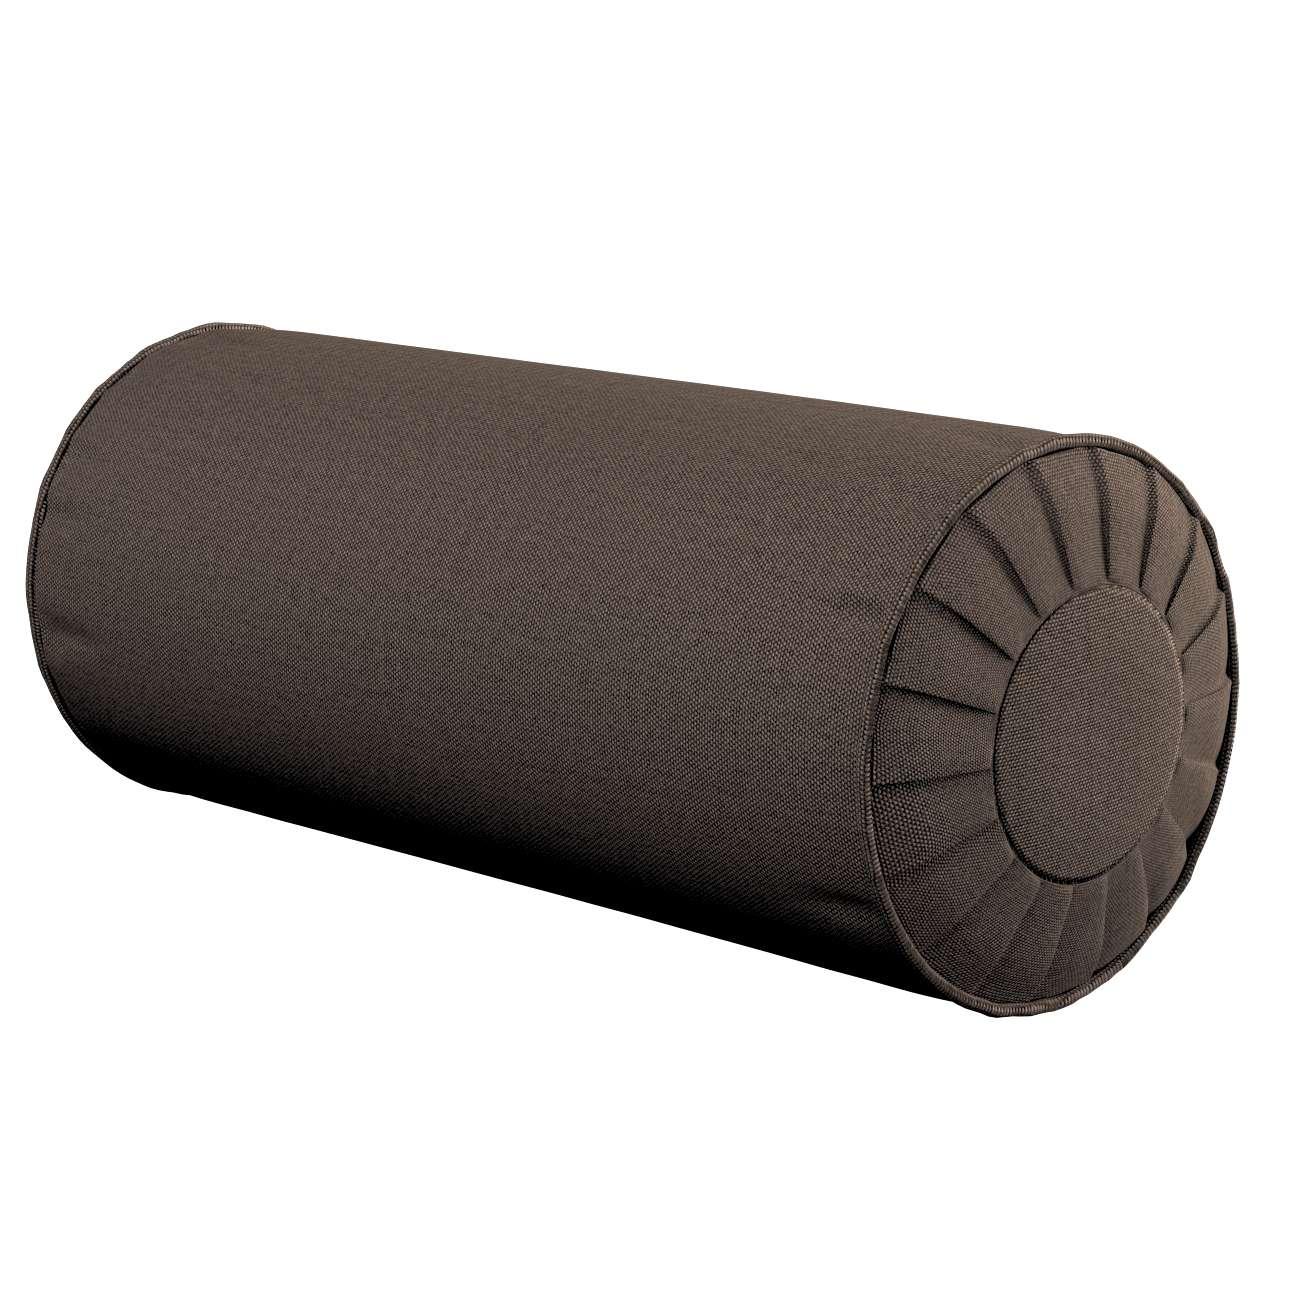 Nakkepute med folder fra kolleksjonen Etna - Ikke for gardiner, Stoffets bredde: 705-08